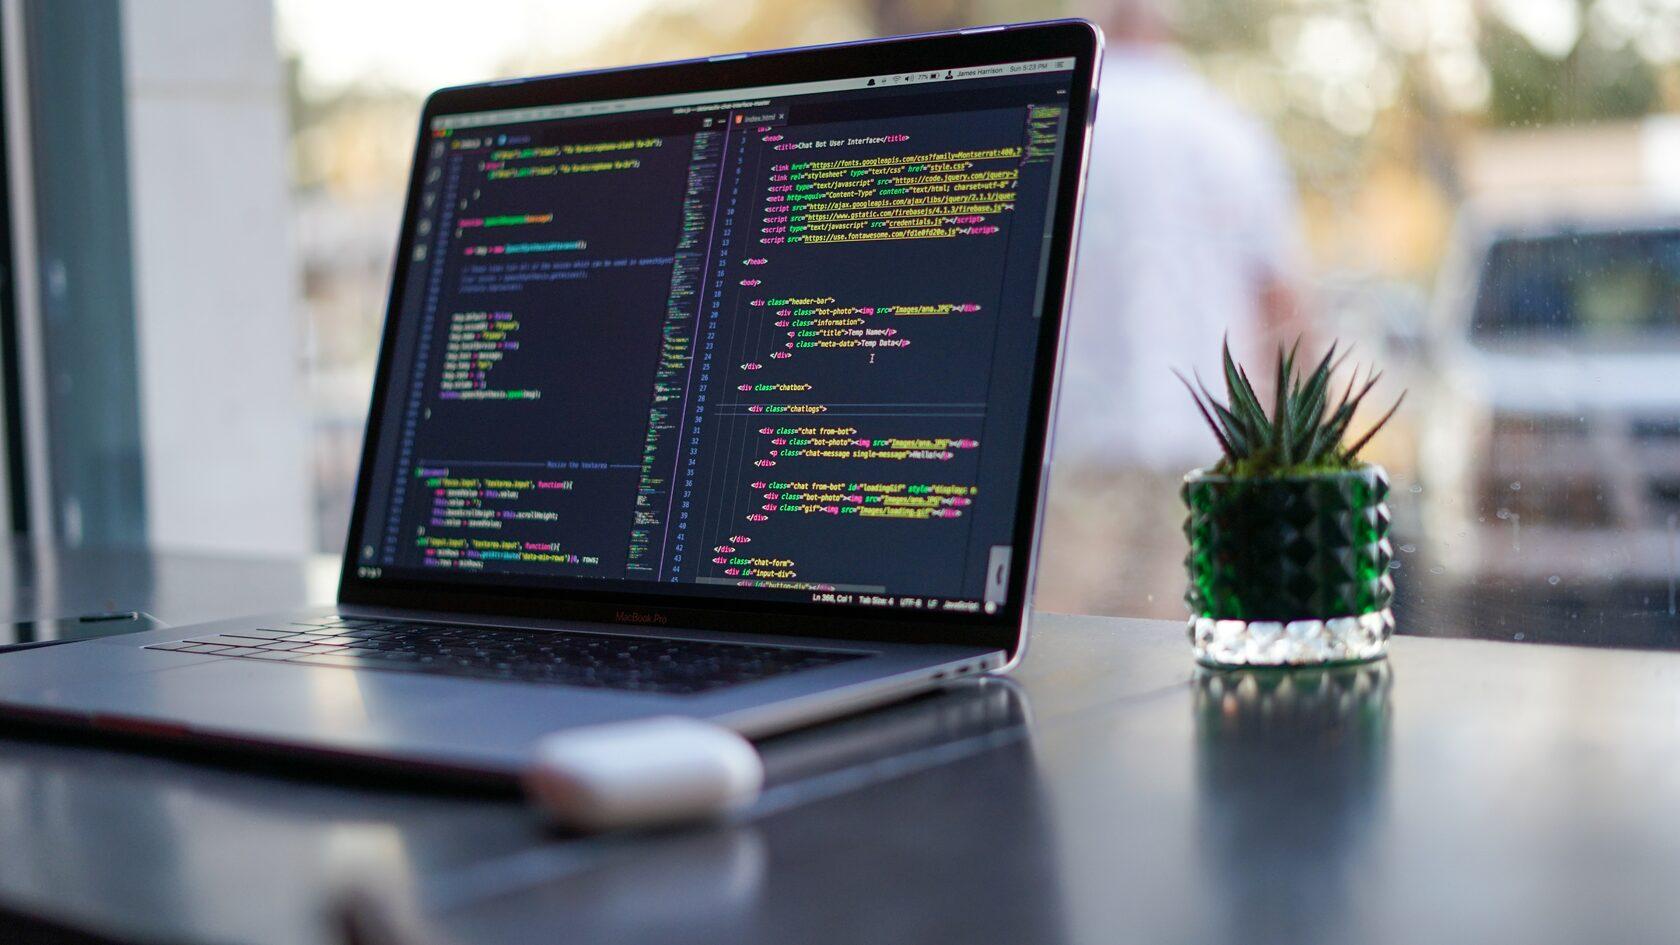 Laptop auf einem Schreibtisch vor einem Fenster